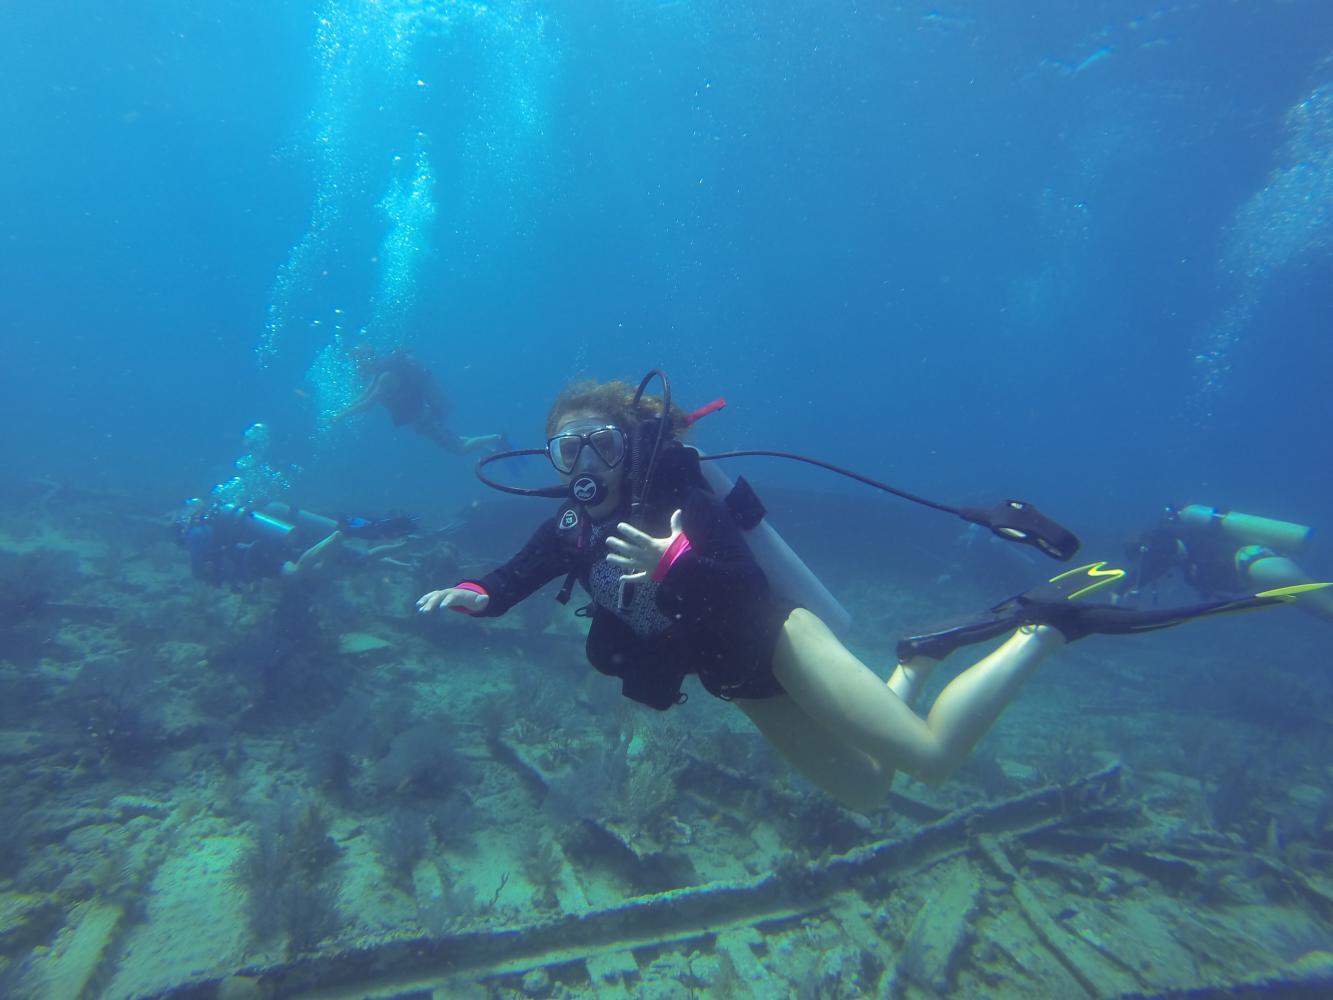 Ashley Jenkins Explores Through The Ocean While Scuba -7858